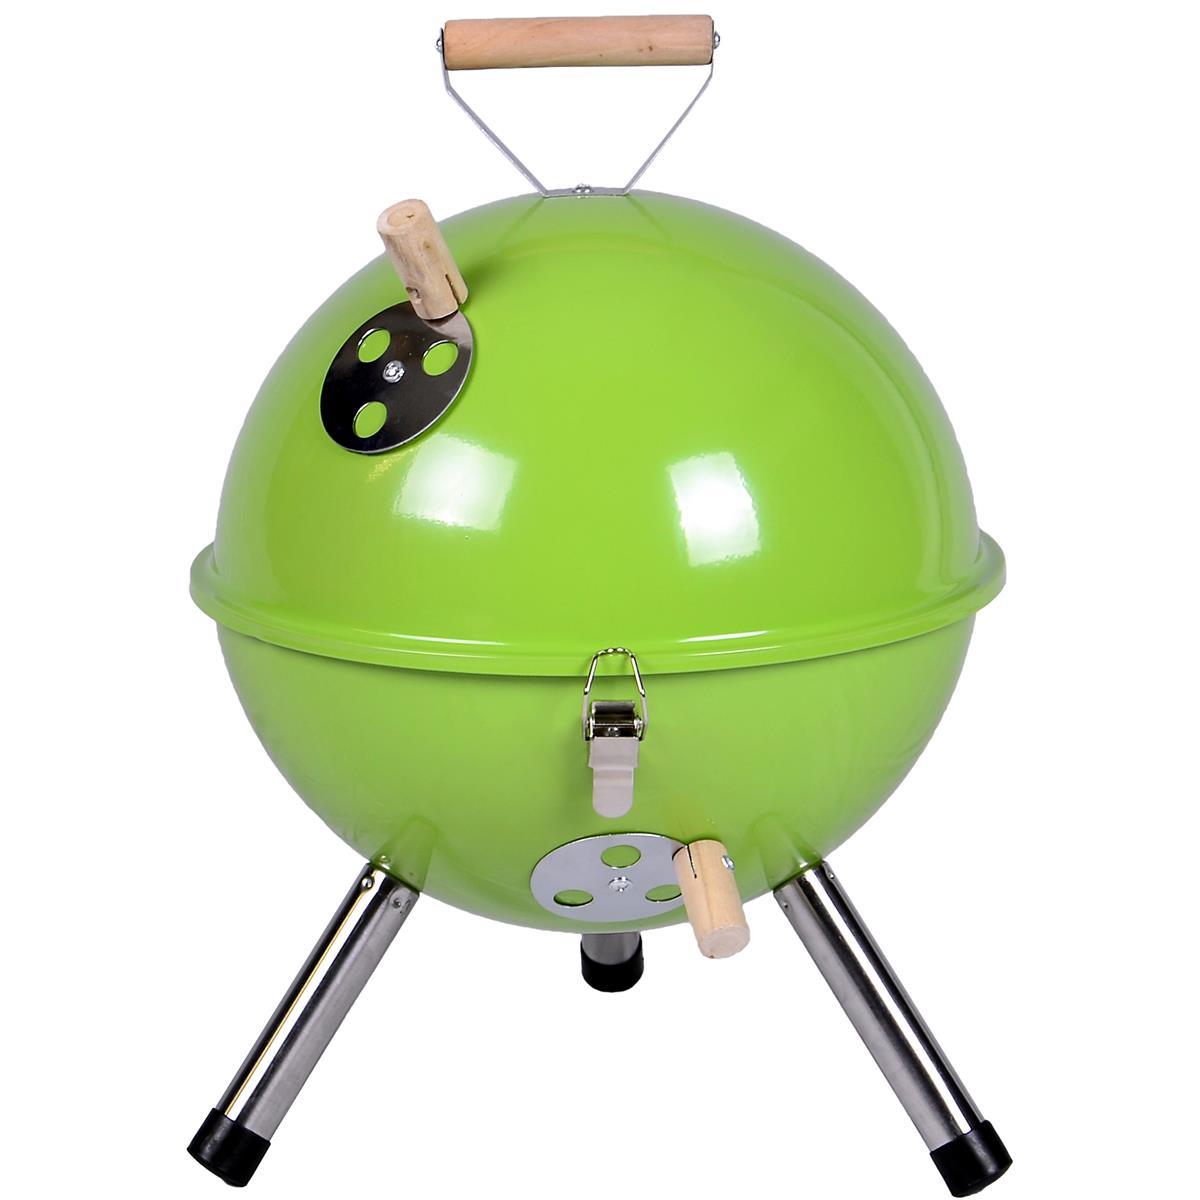 Mini BBQ-Grill Holzkohle Kugelgrill grün Picknickgrill